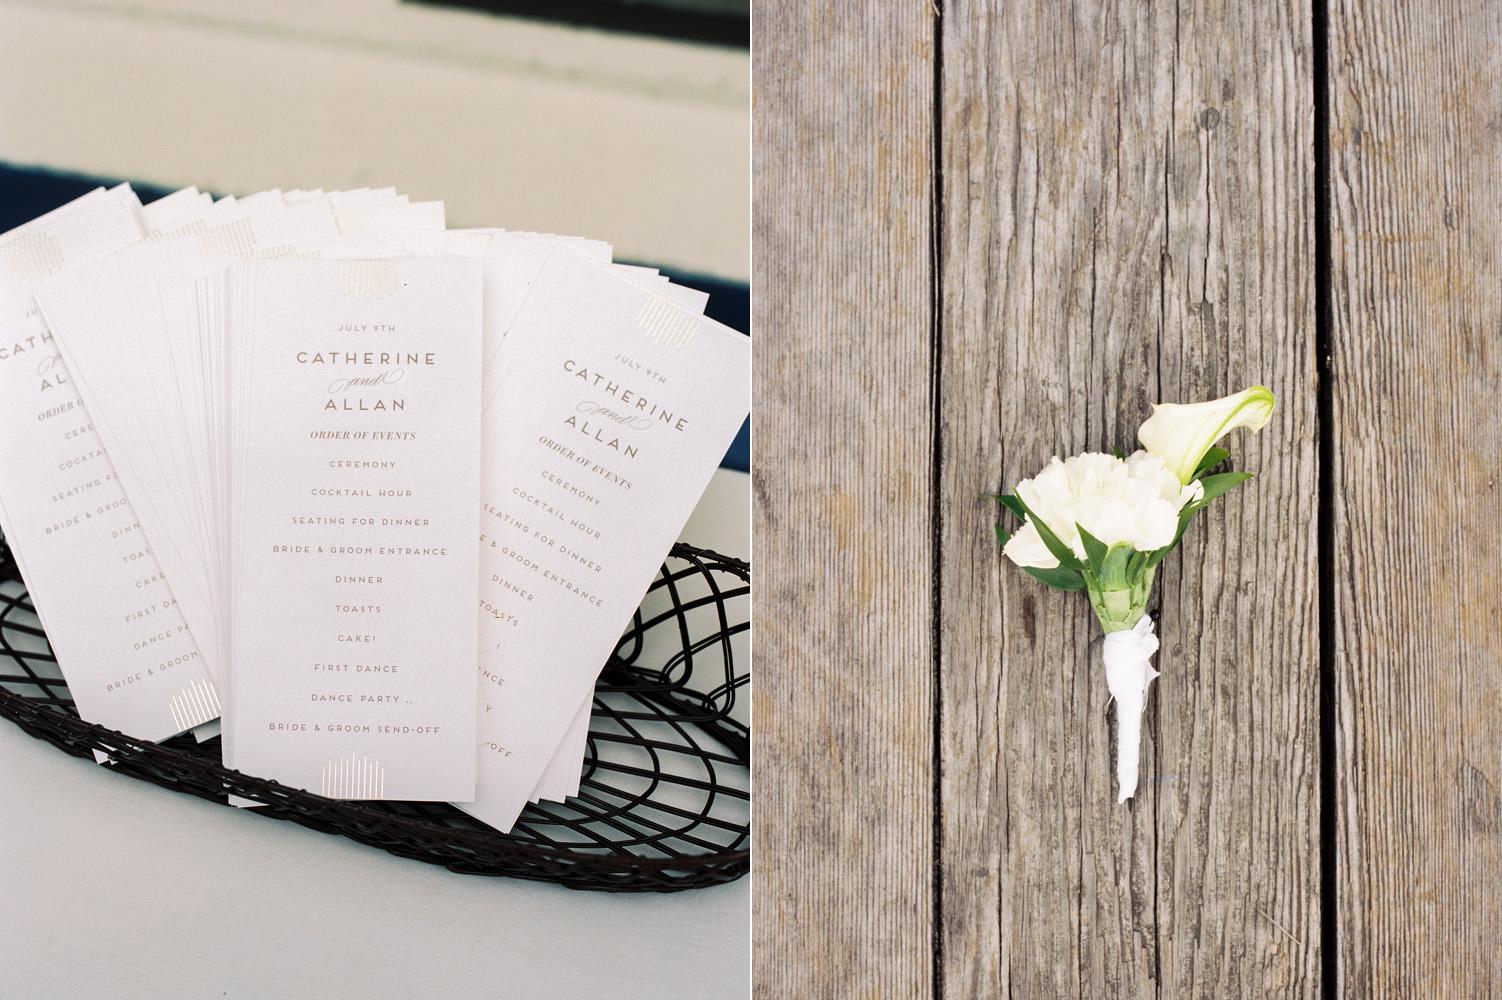 seattle mohai wedding details white wedding program.jpg